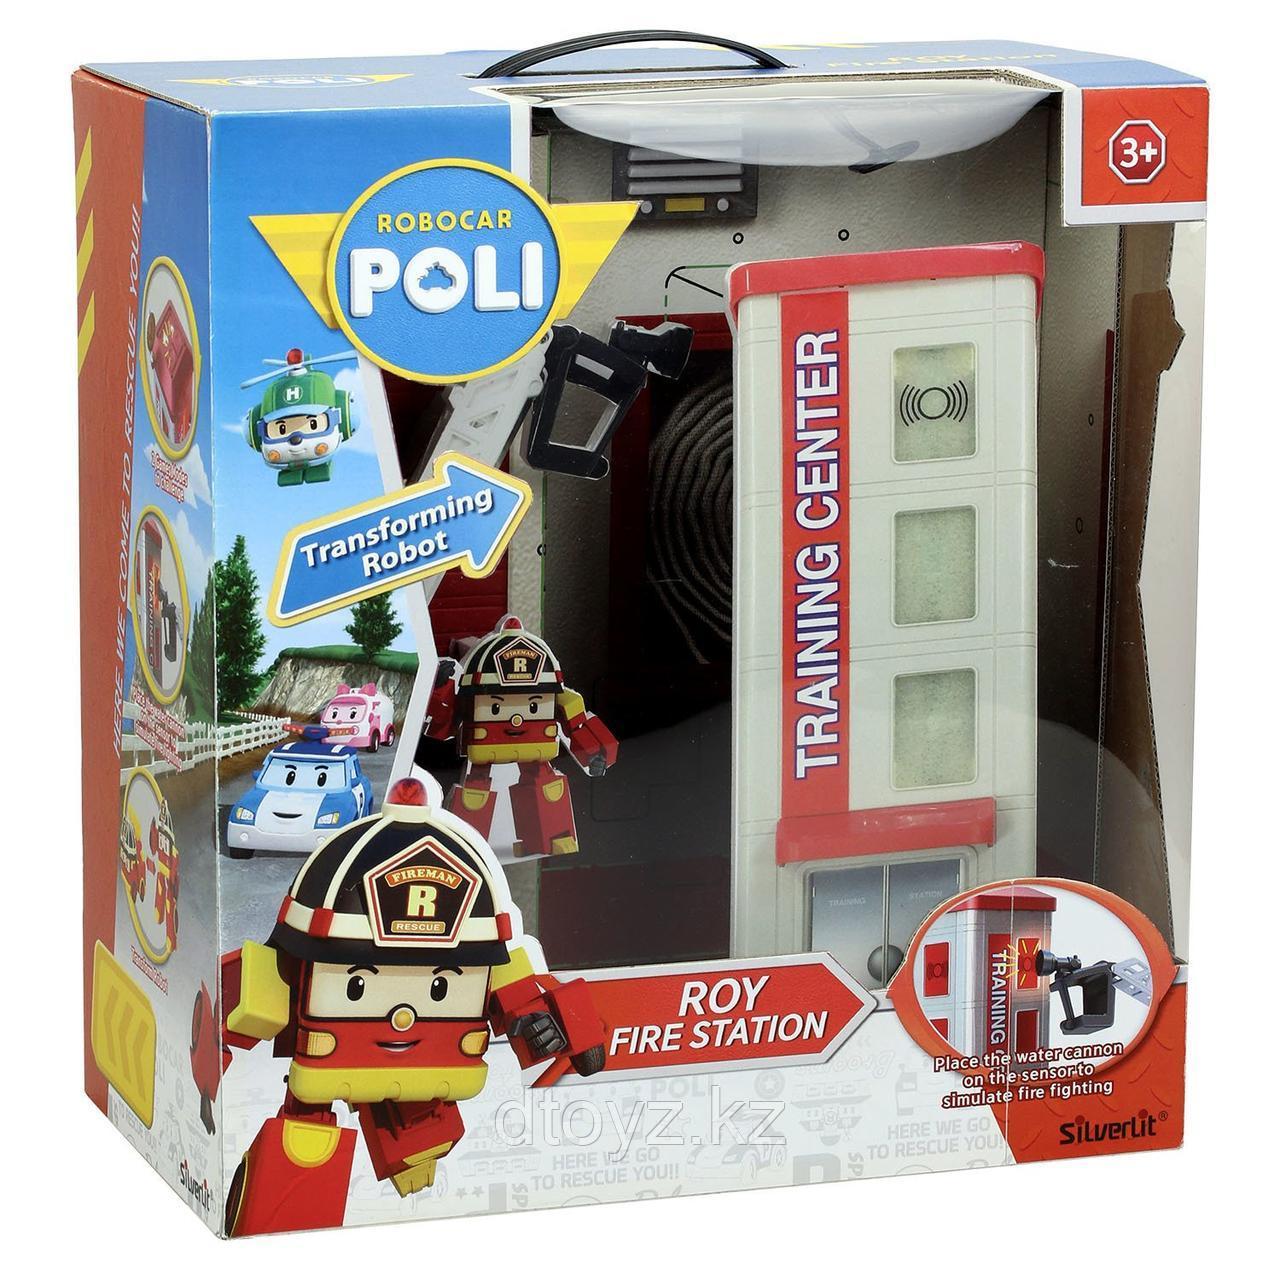 Пожарная станция POLI